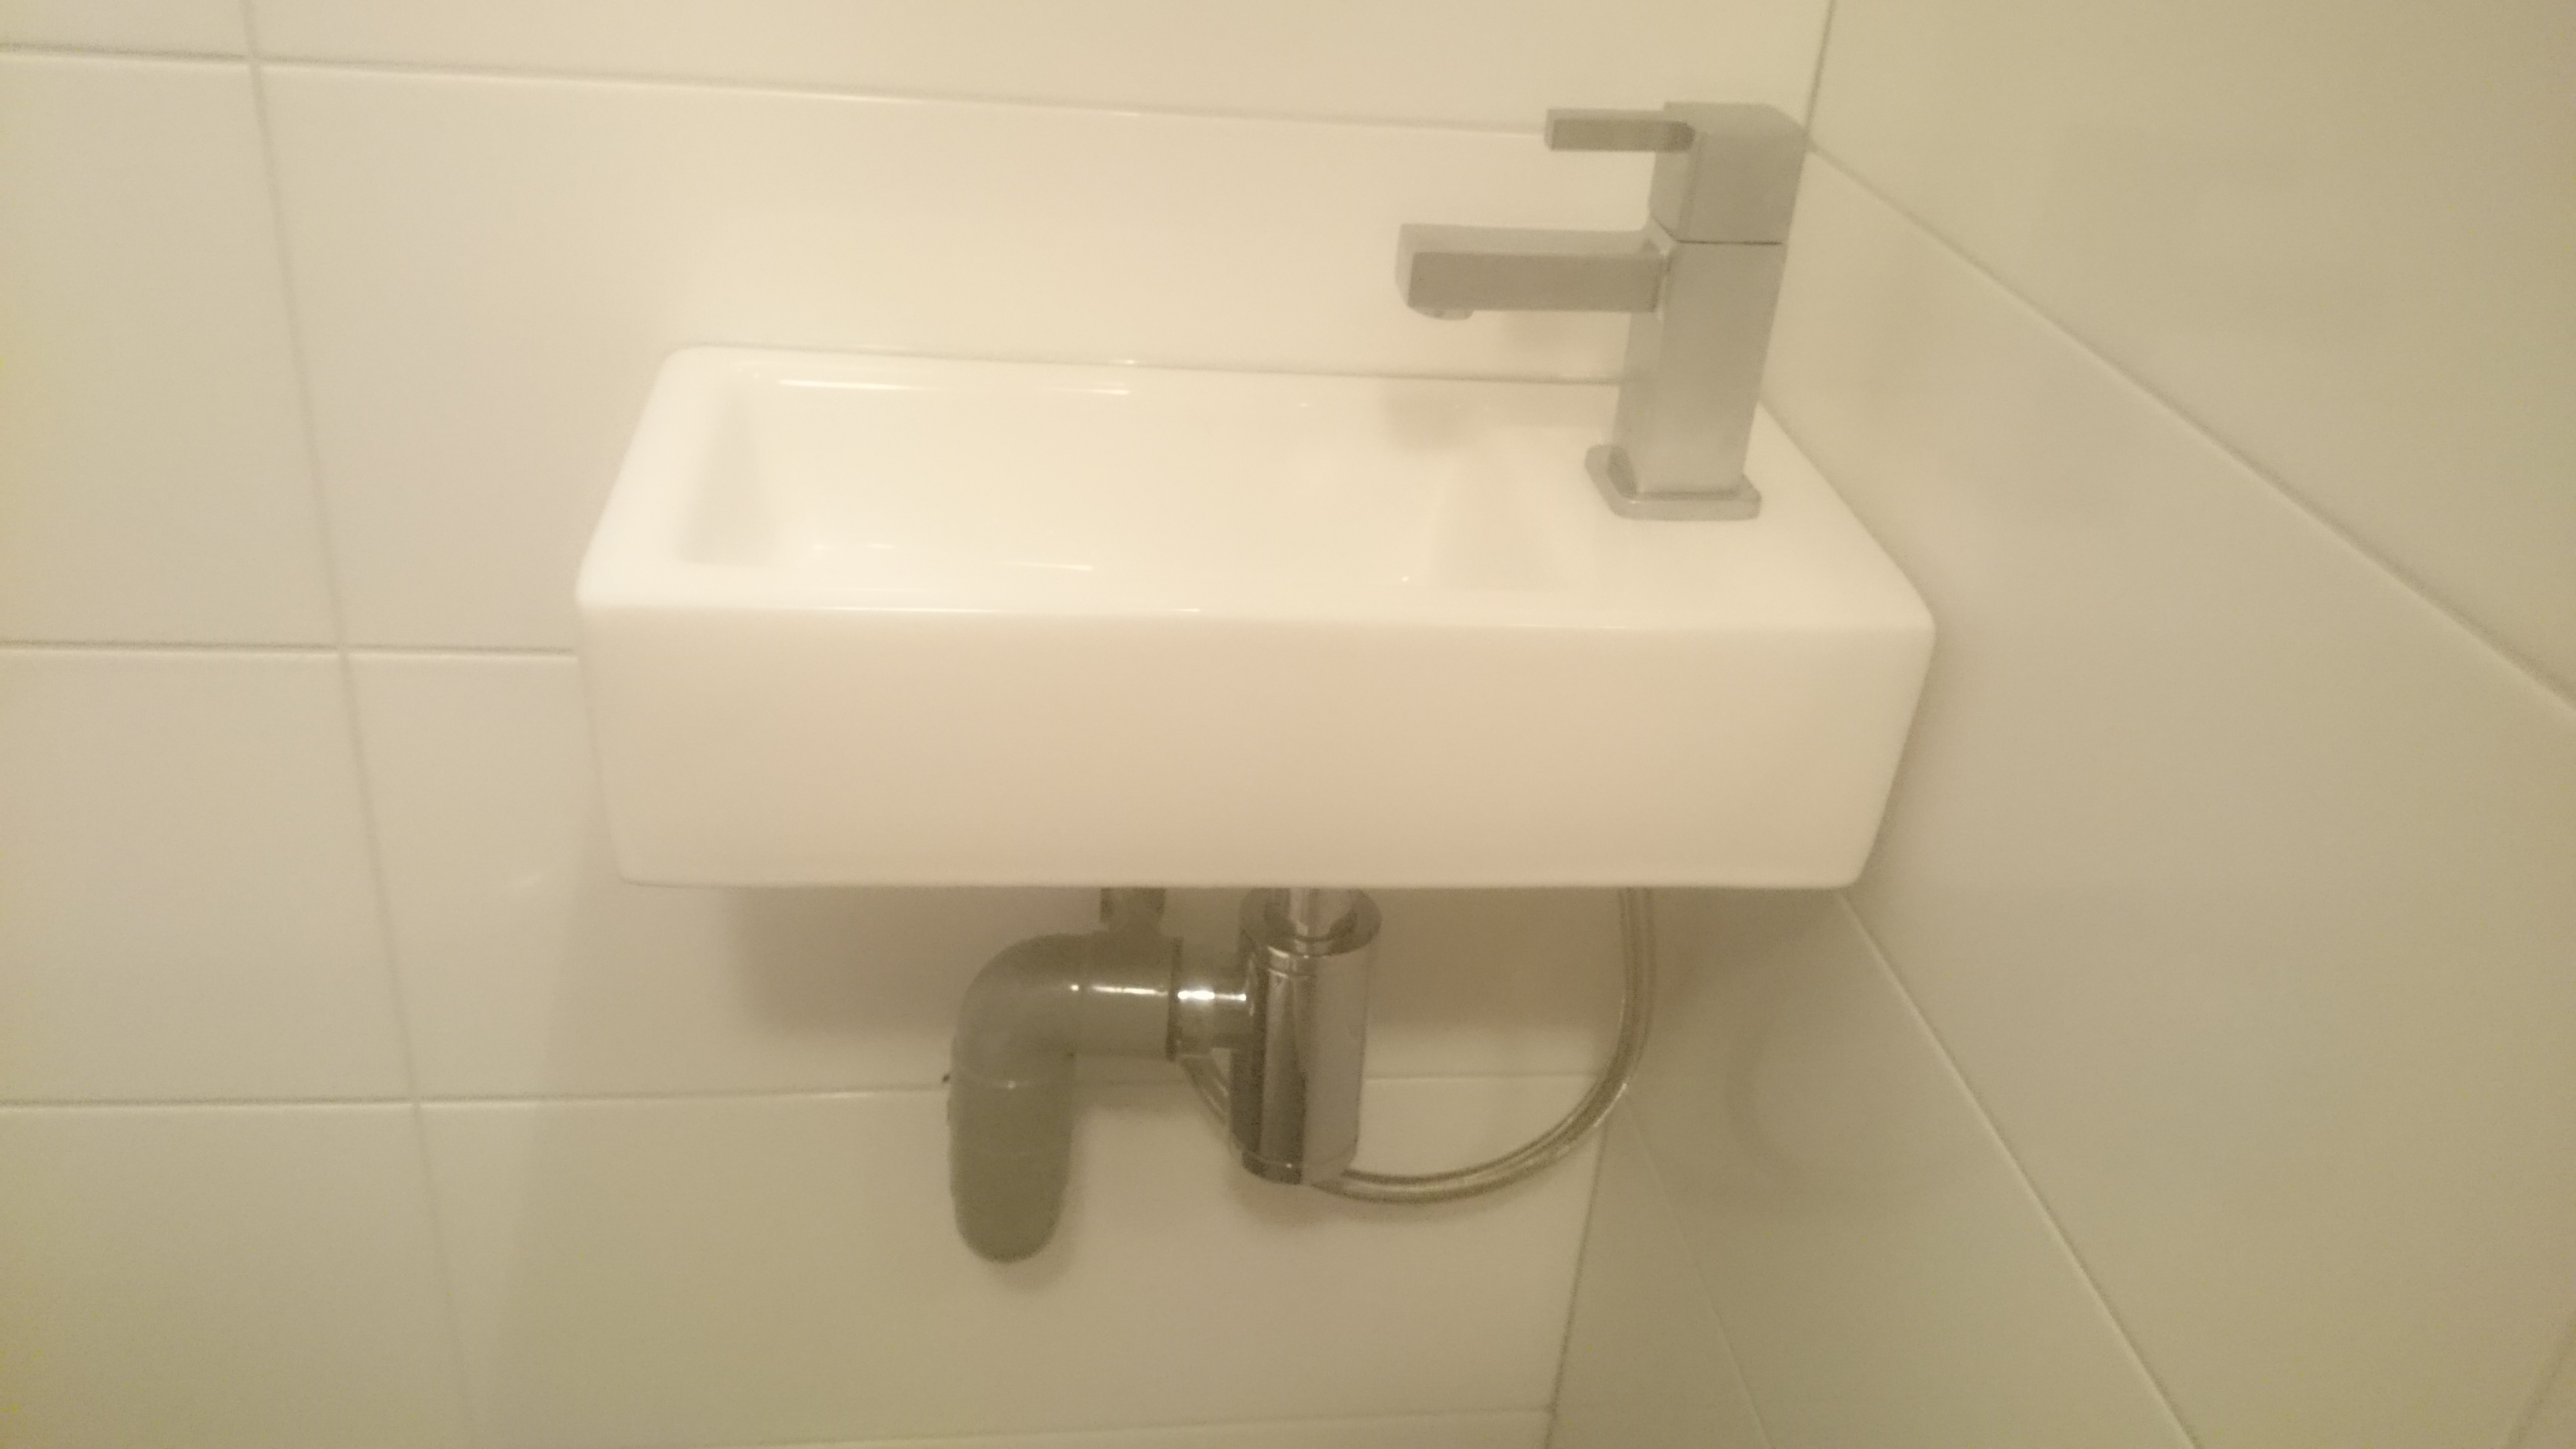 Klein Fonteintje Toilet : Kleinste fontein wc wastafel voor de wc ook met toiletkastje